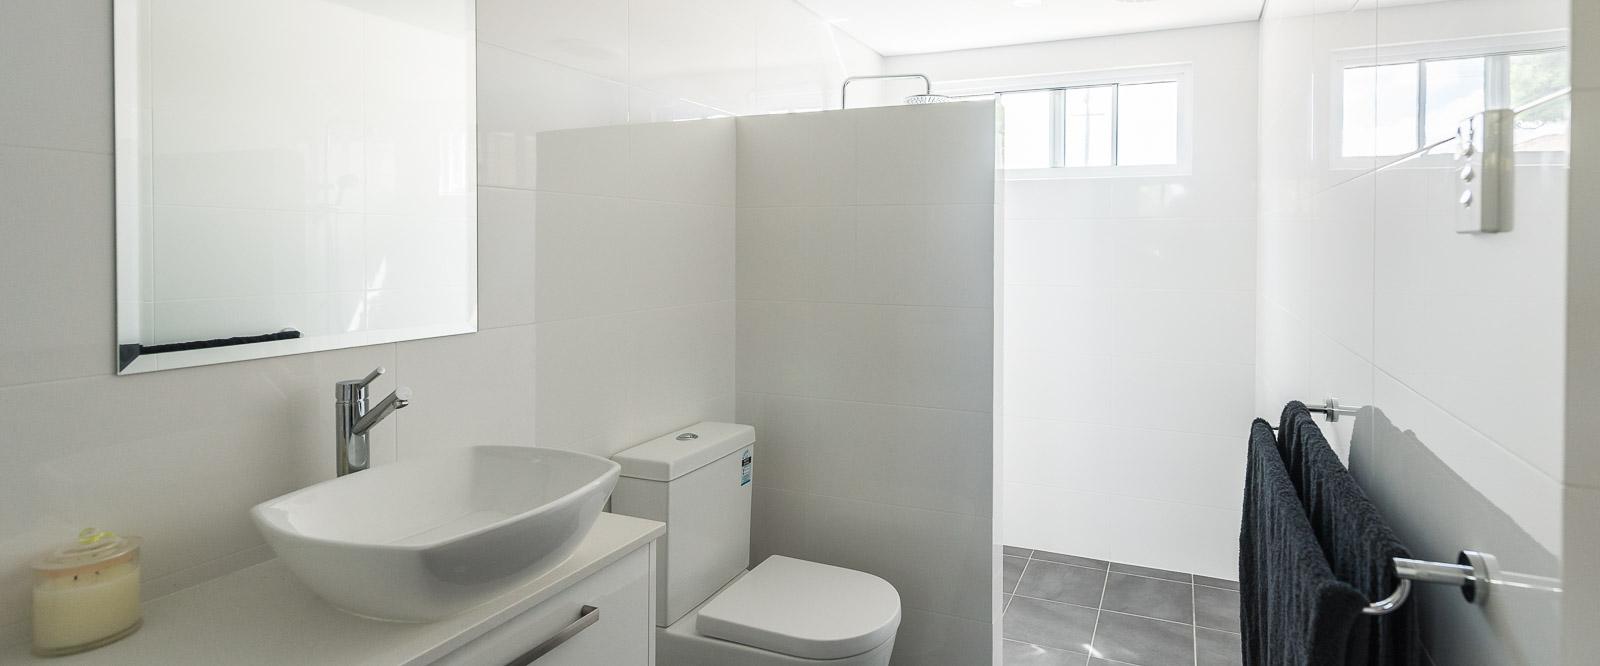 Renovation extension builder in perth wa for Bathroom designs perth wa